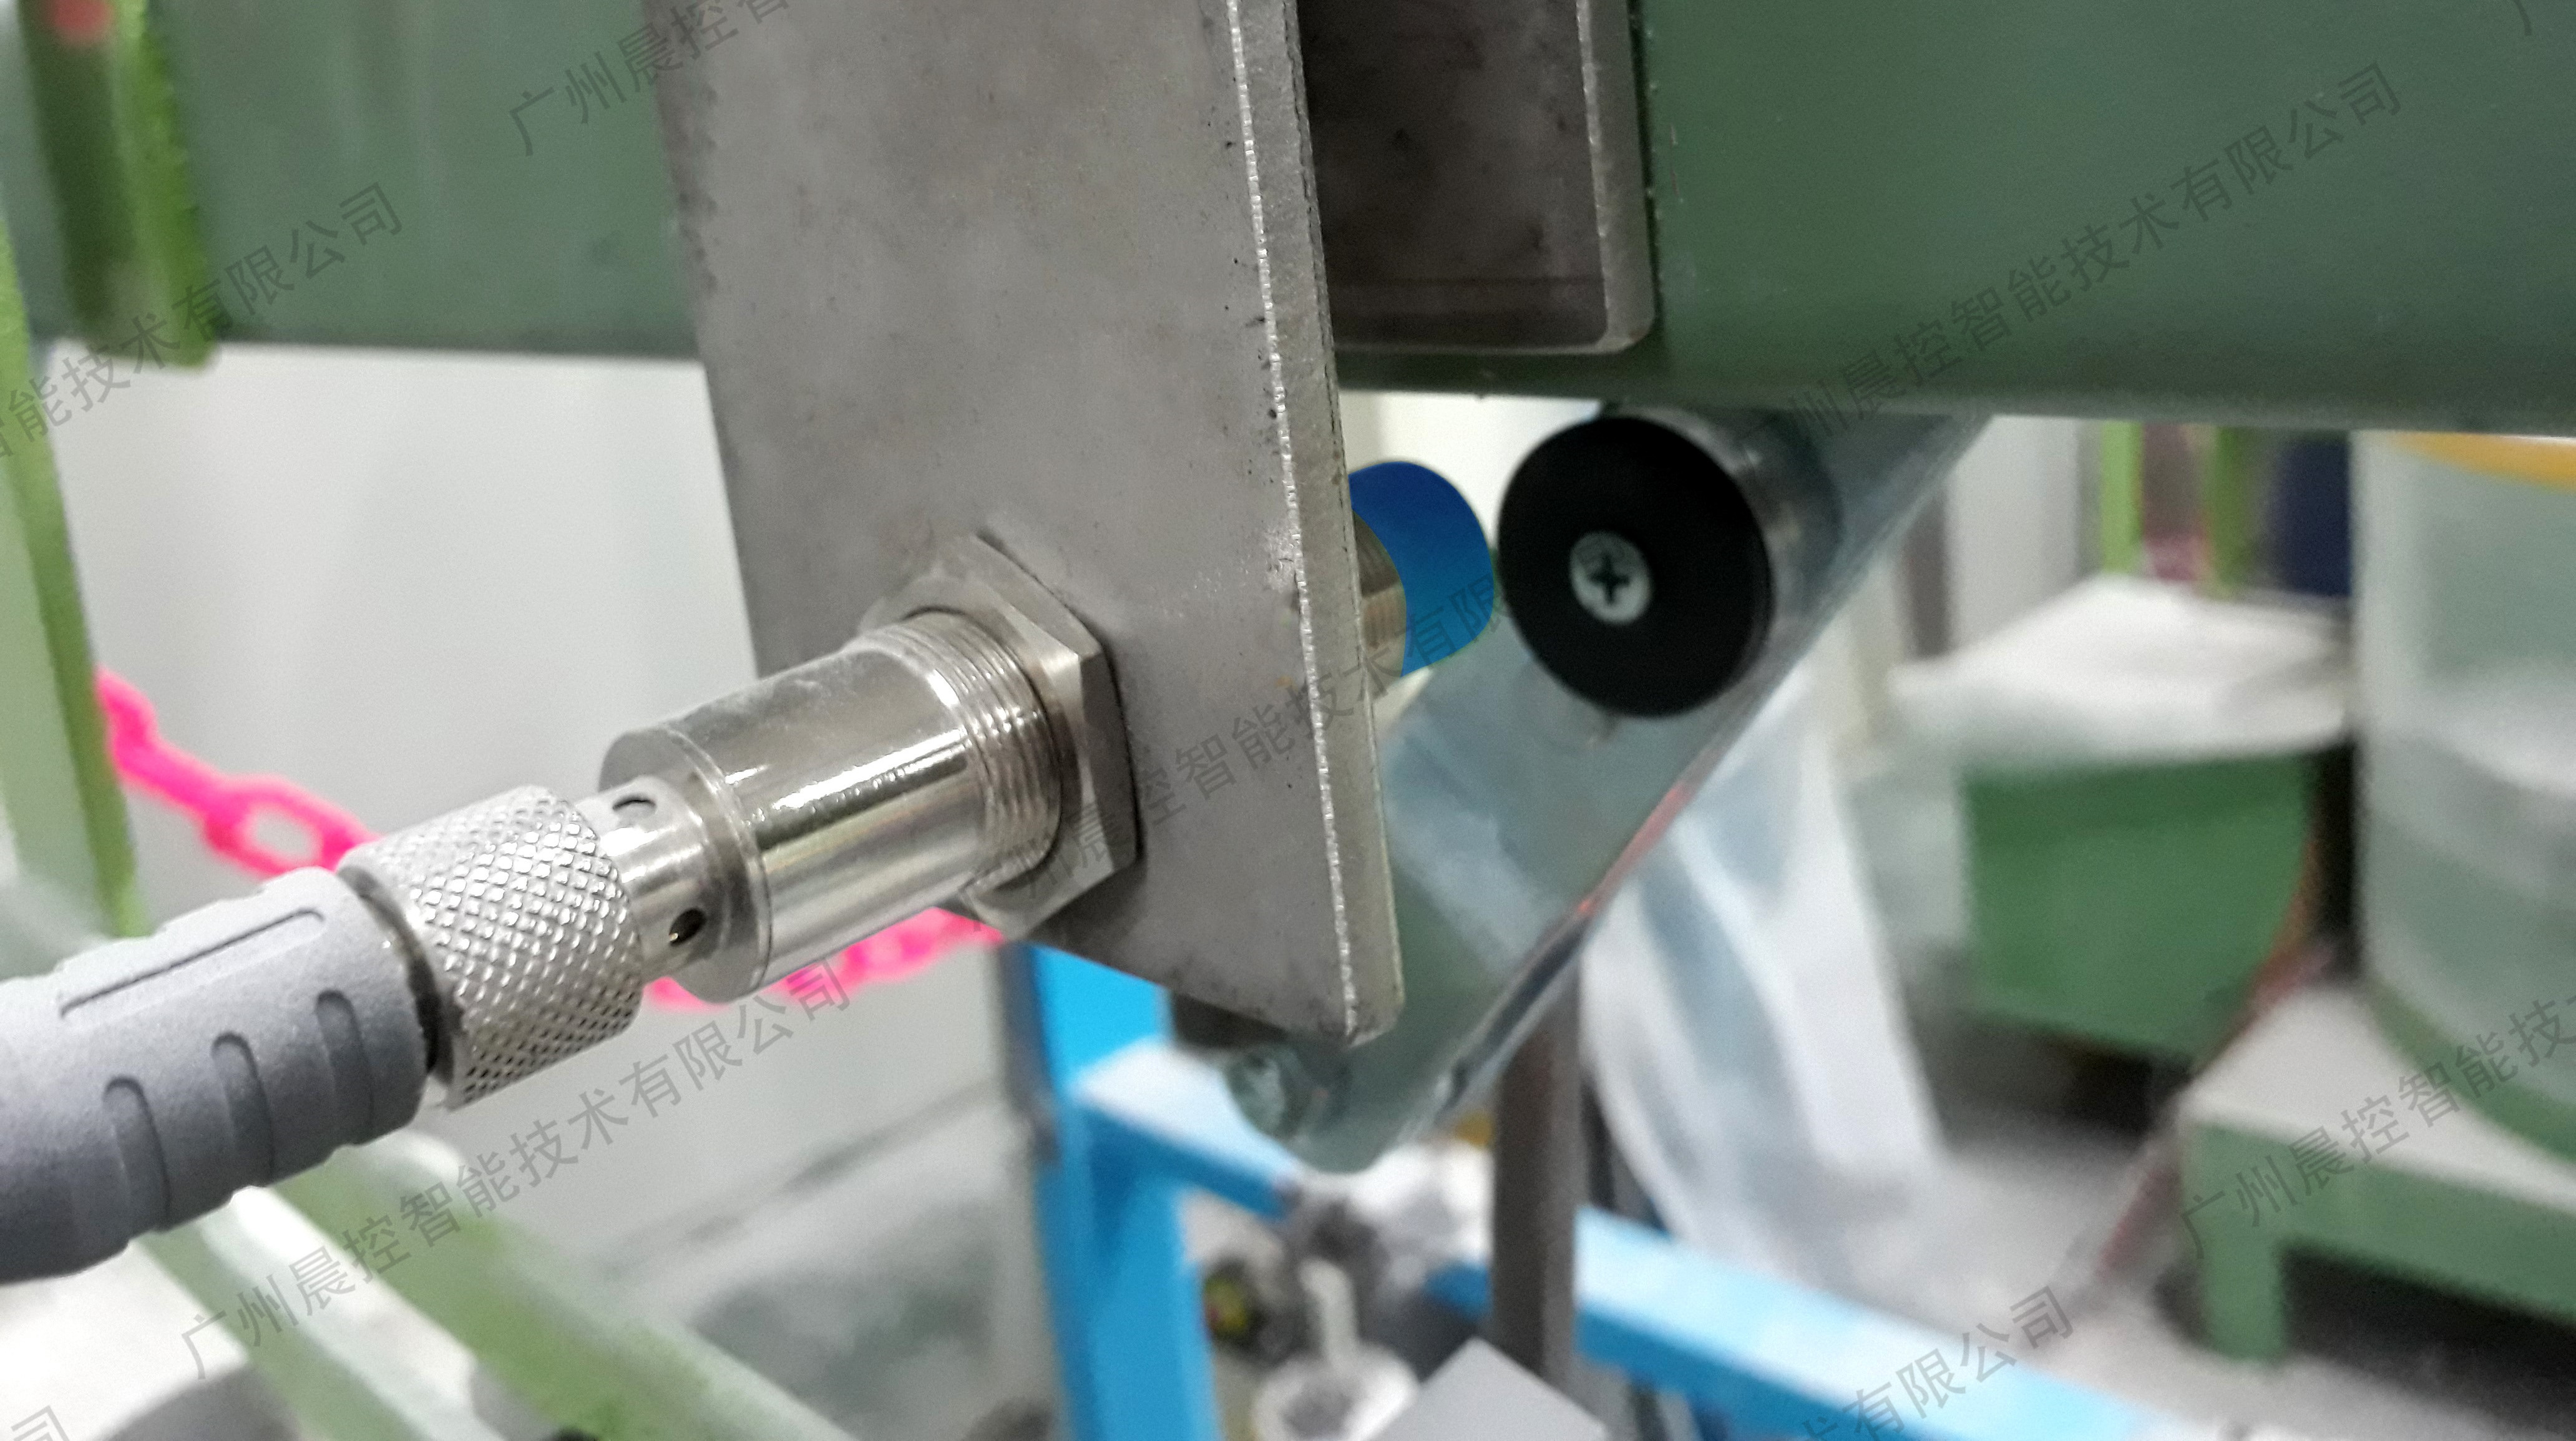 物联网技术通过RFID电子标签让不同的设备实现互联